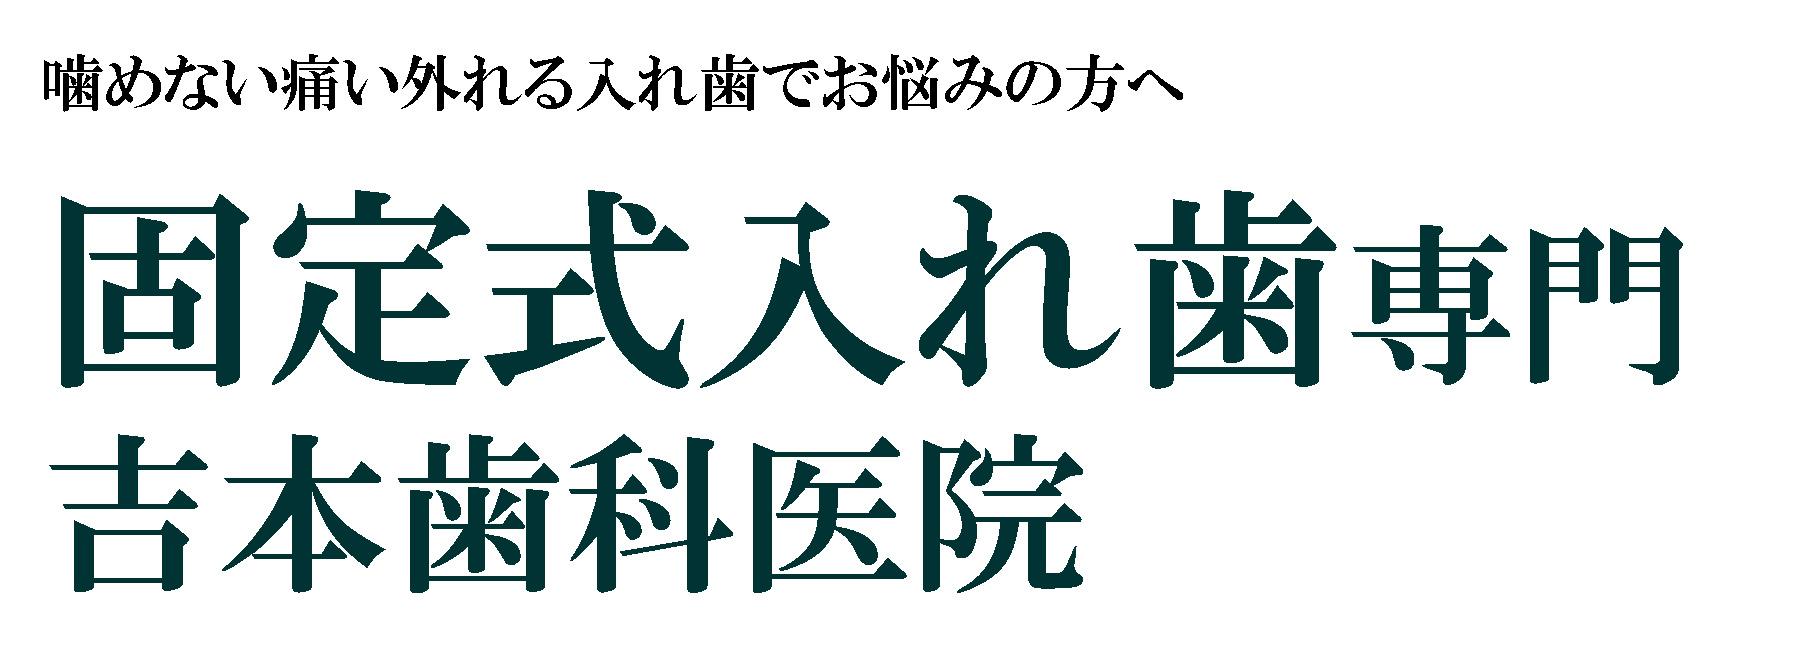 総入れ歯,入れ歯治療なら香川県,高松市の噛み合わせ専門,吉本歯科医院,高知県より来院